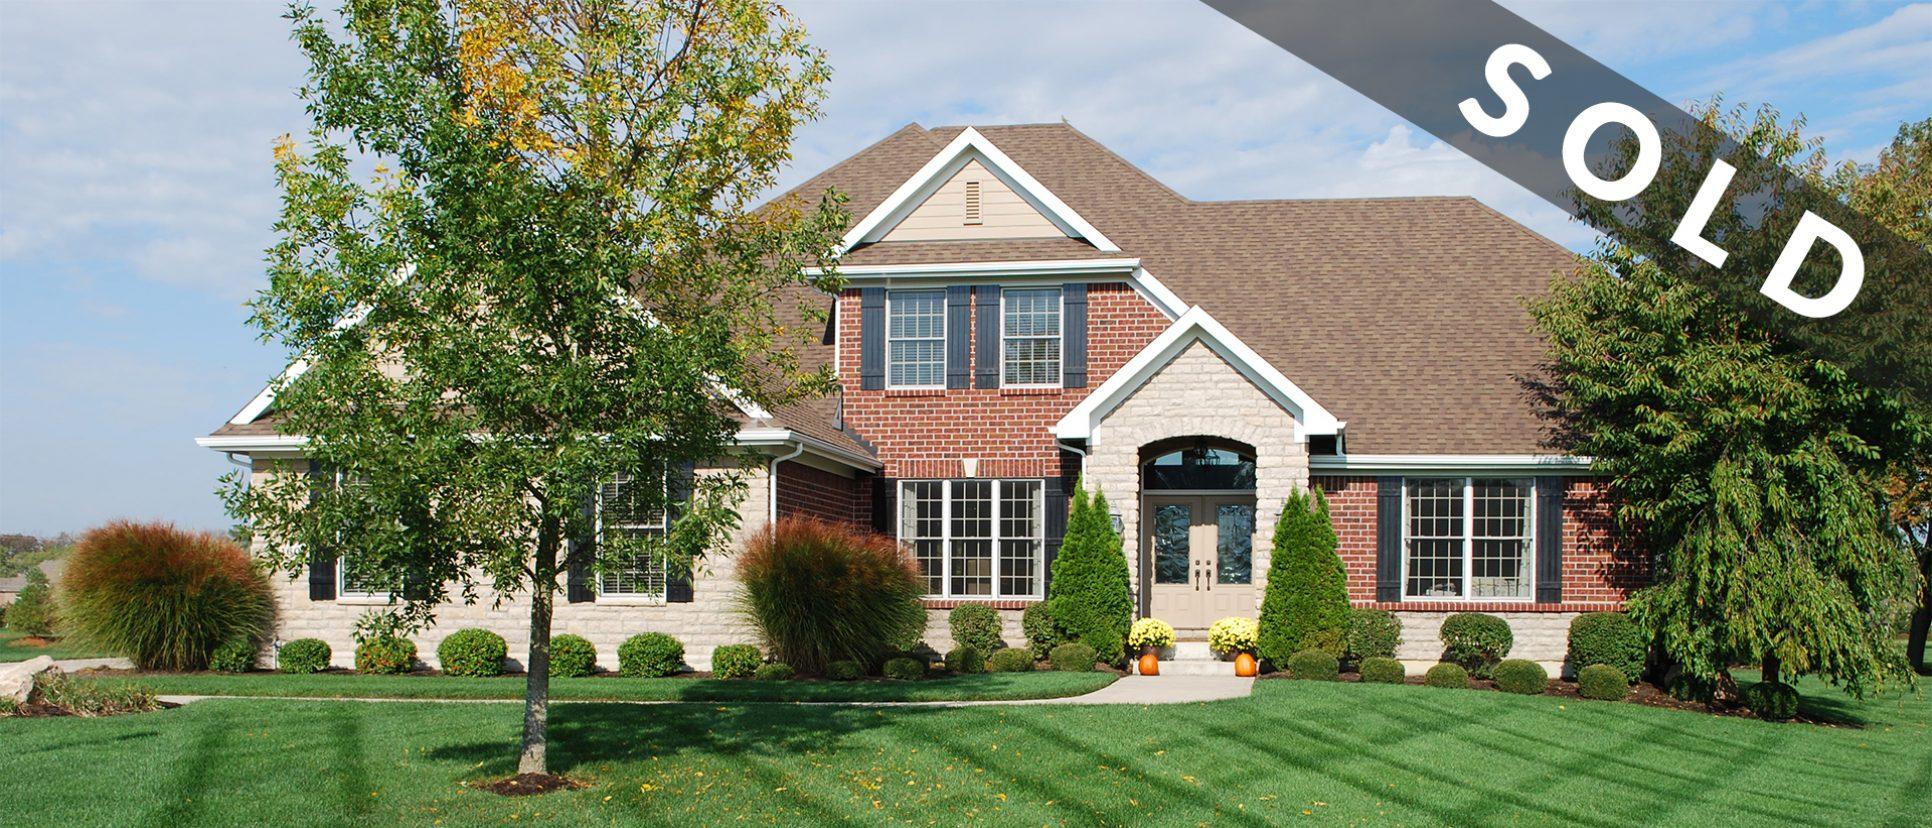 Custom exterior of 1601 Wisteria by Design Homes & Development.